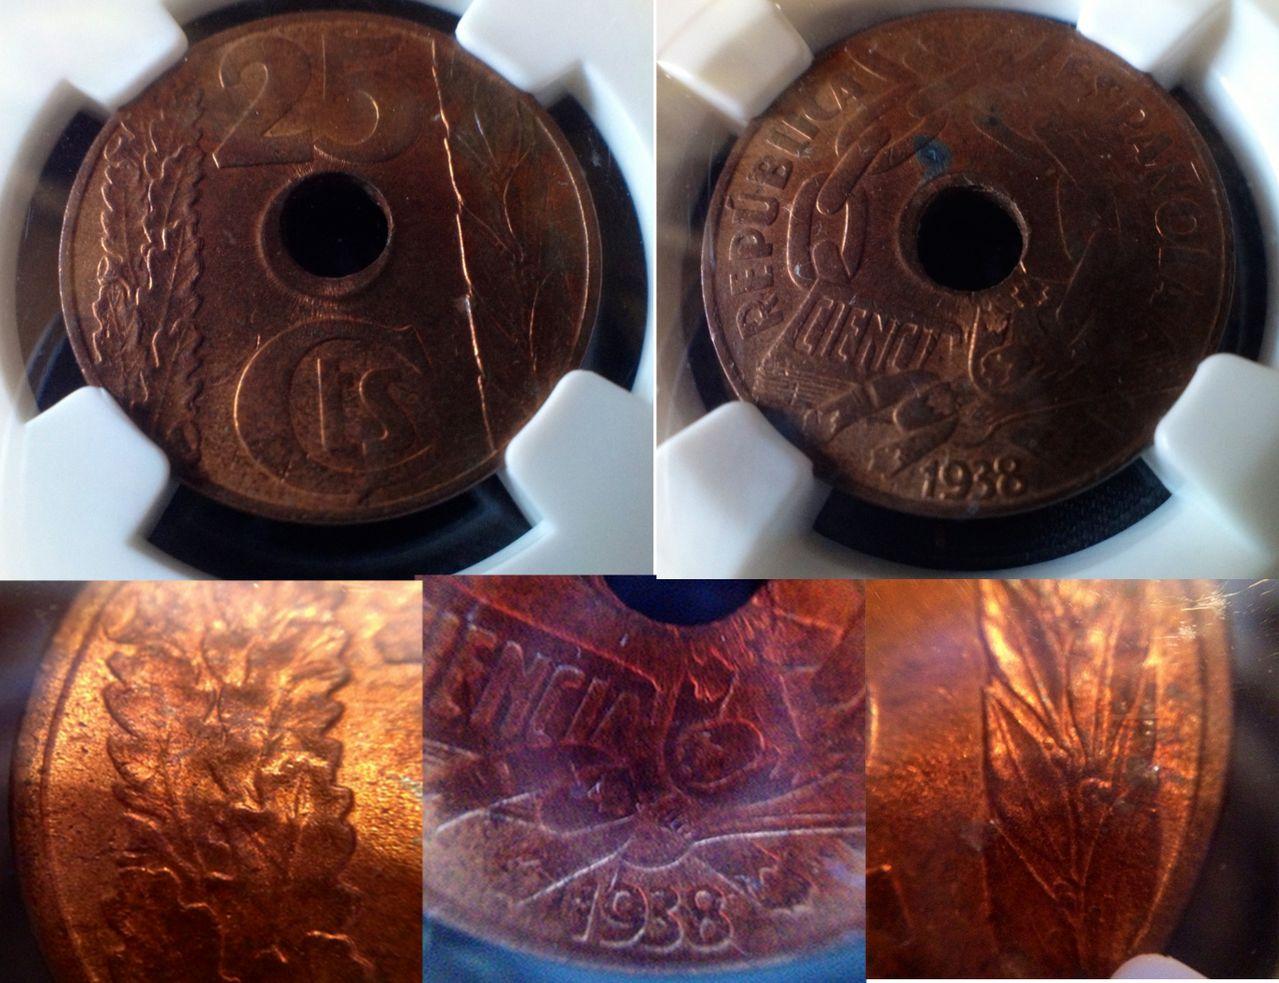 25 céntimos 1938 II República 25_c_ntimos_NGC_1938_copia